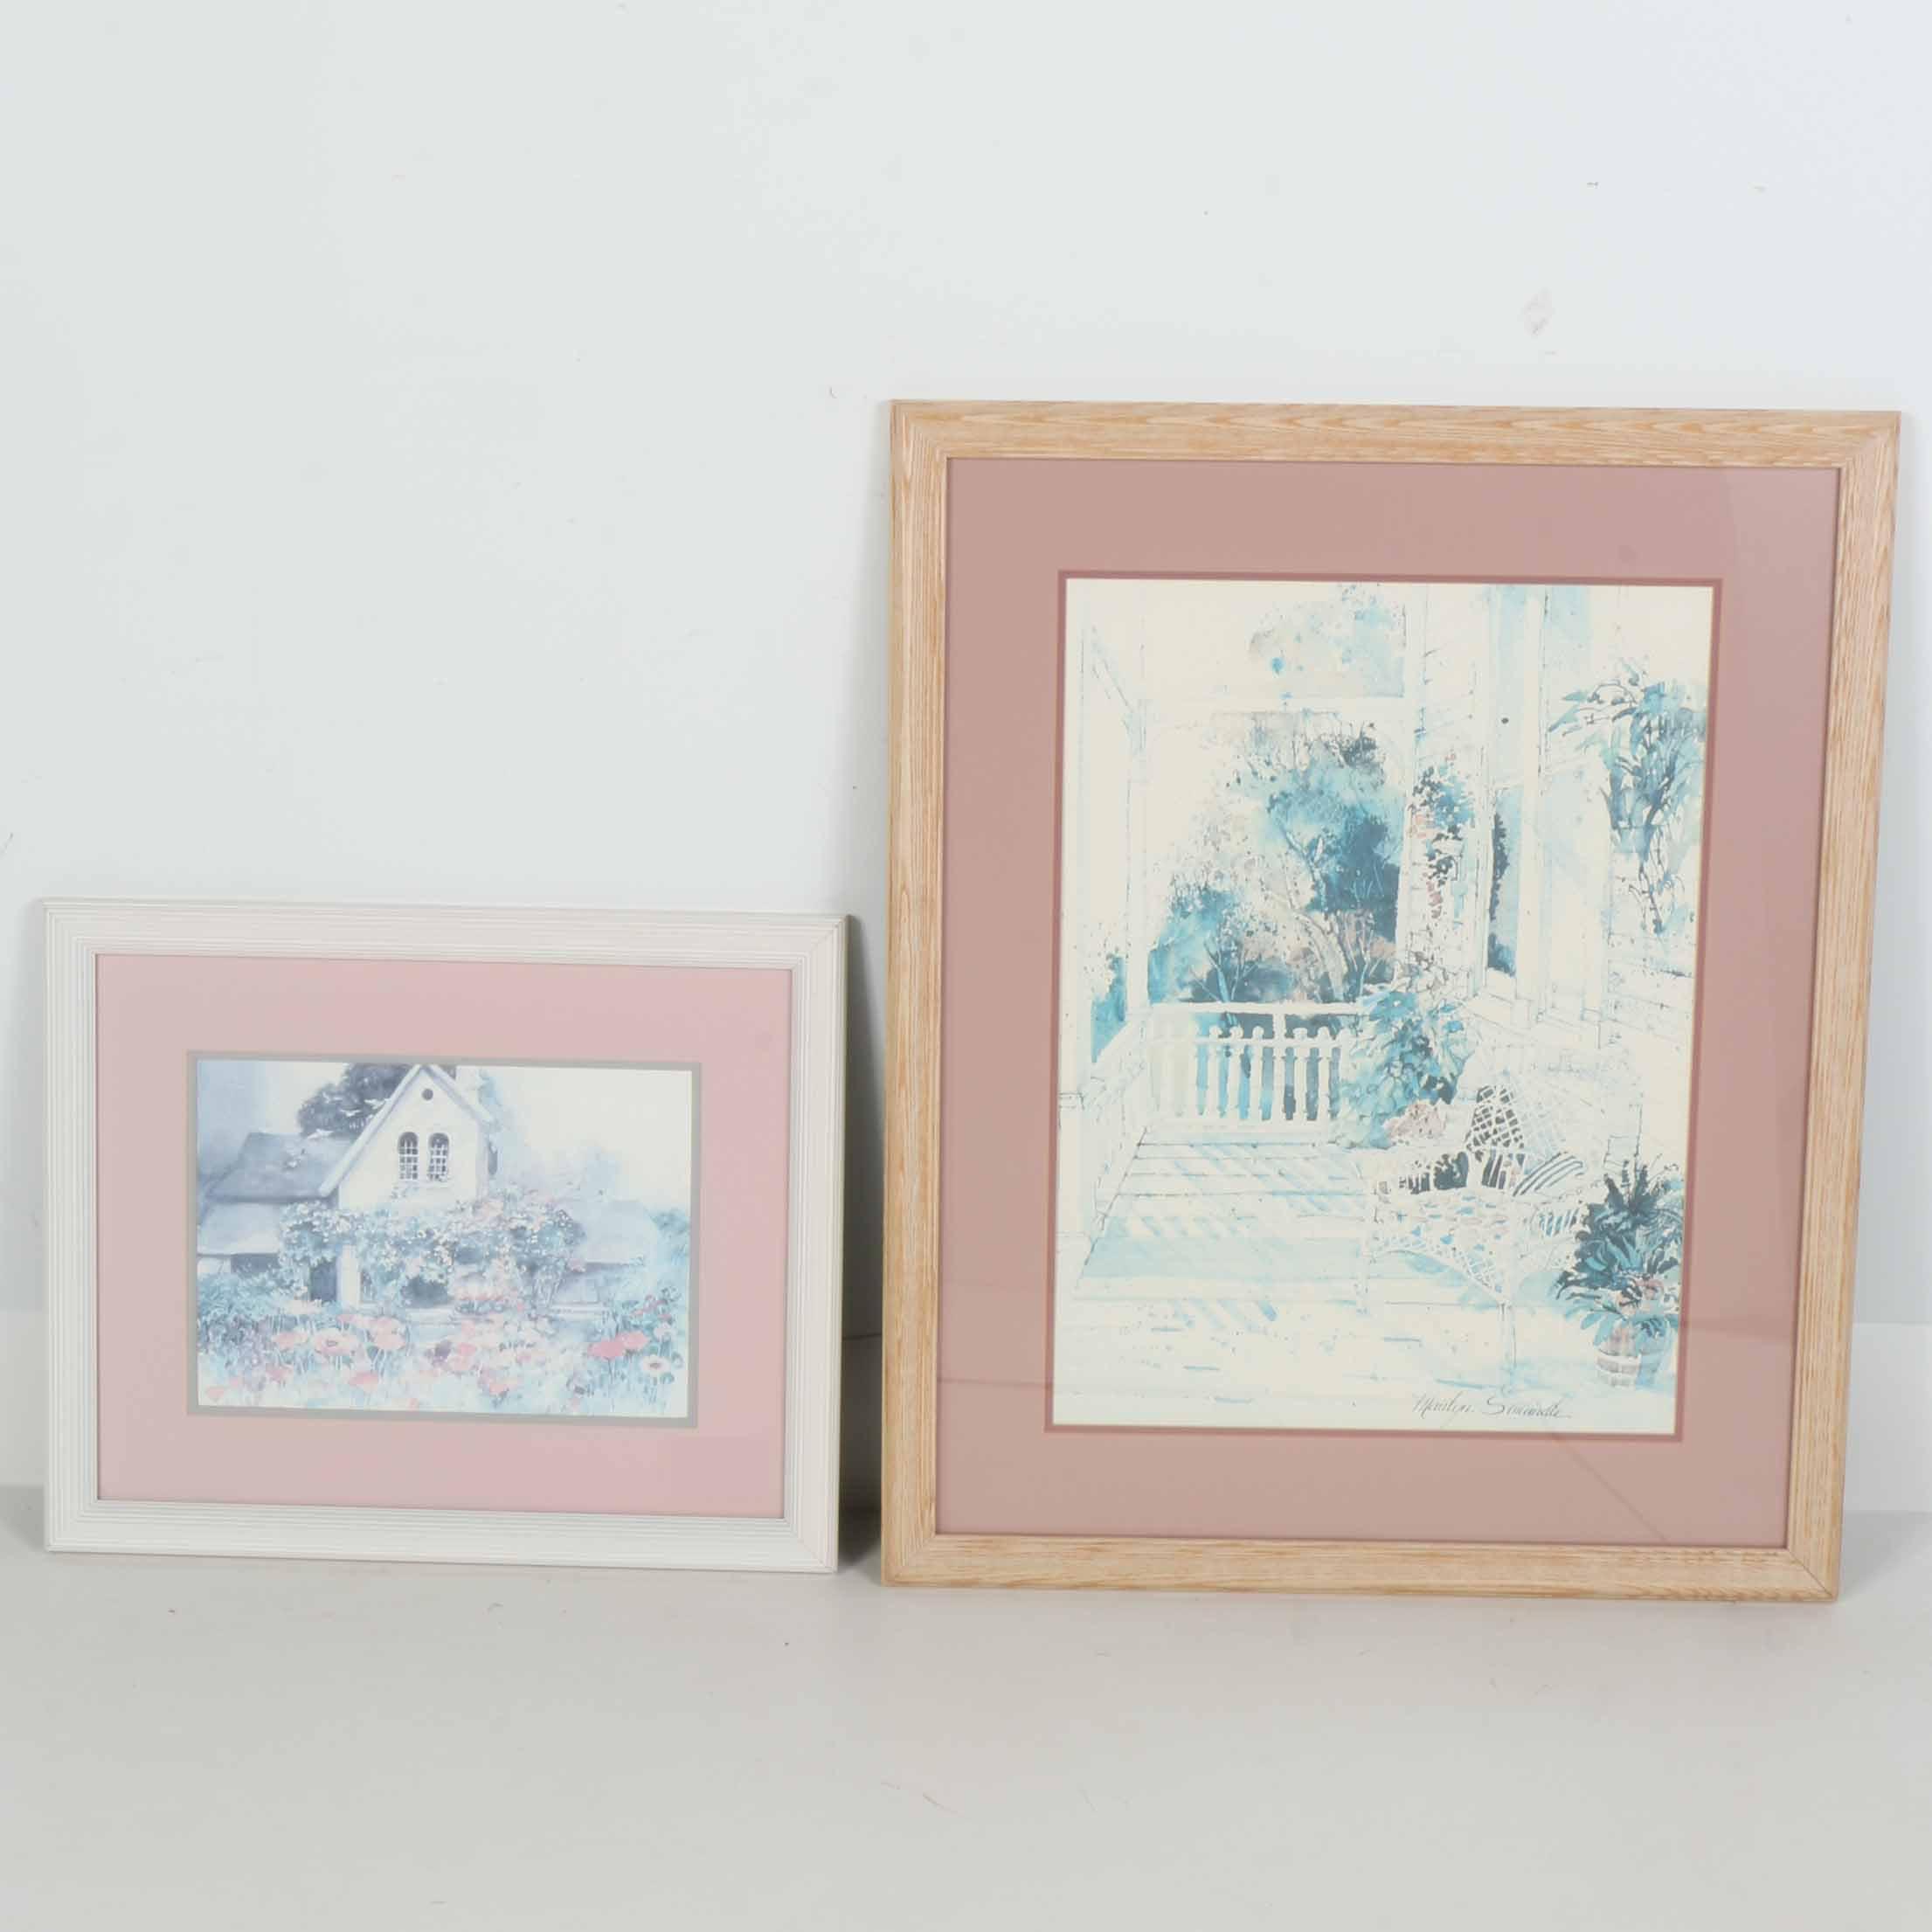 Pair of Framed Garden Offset Lithographs